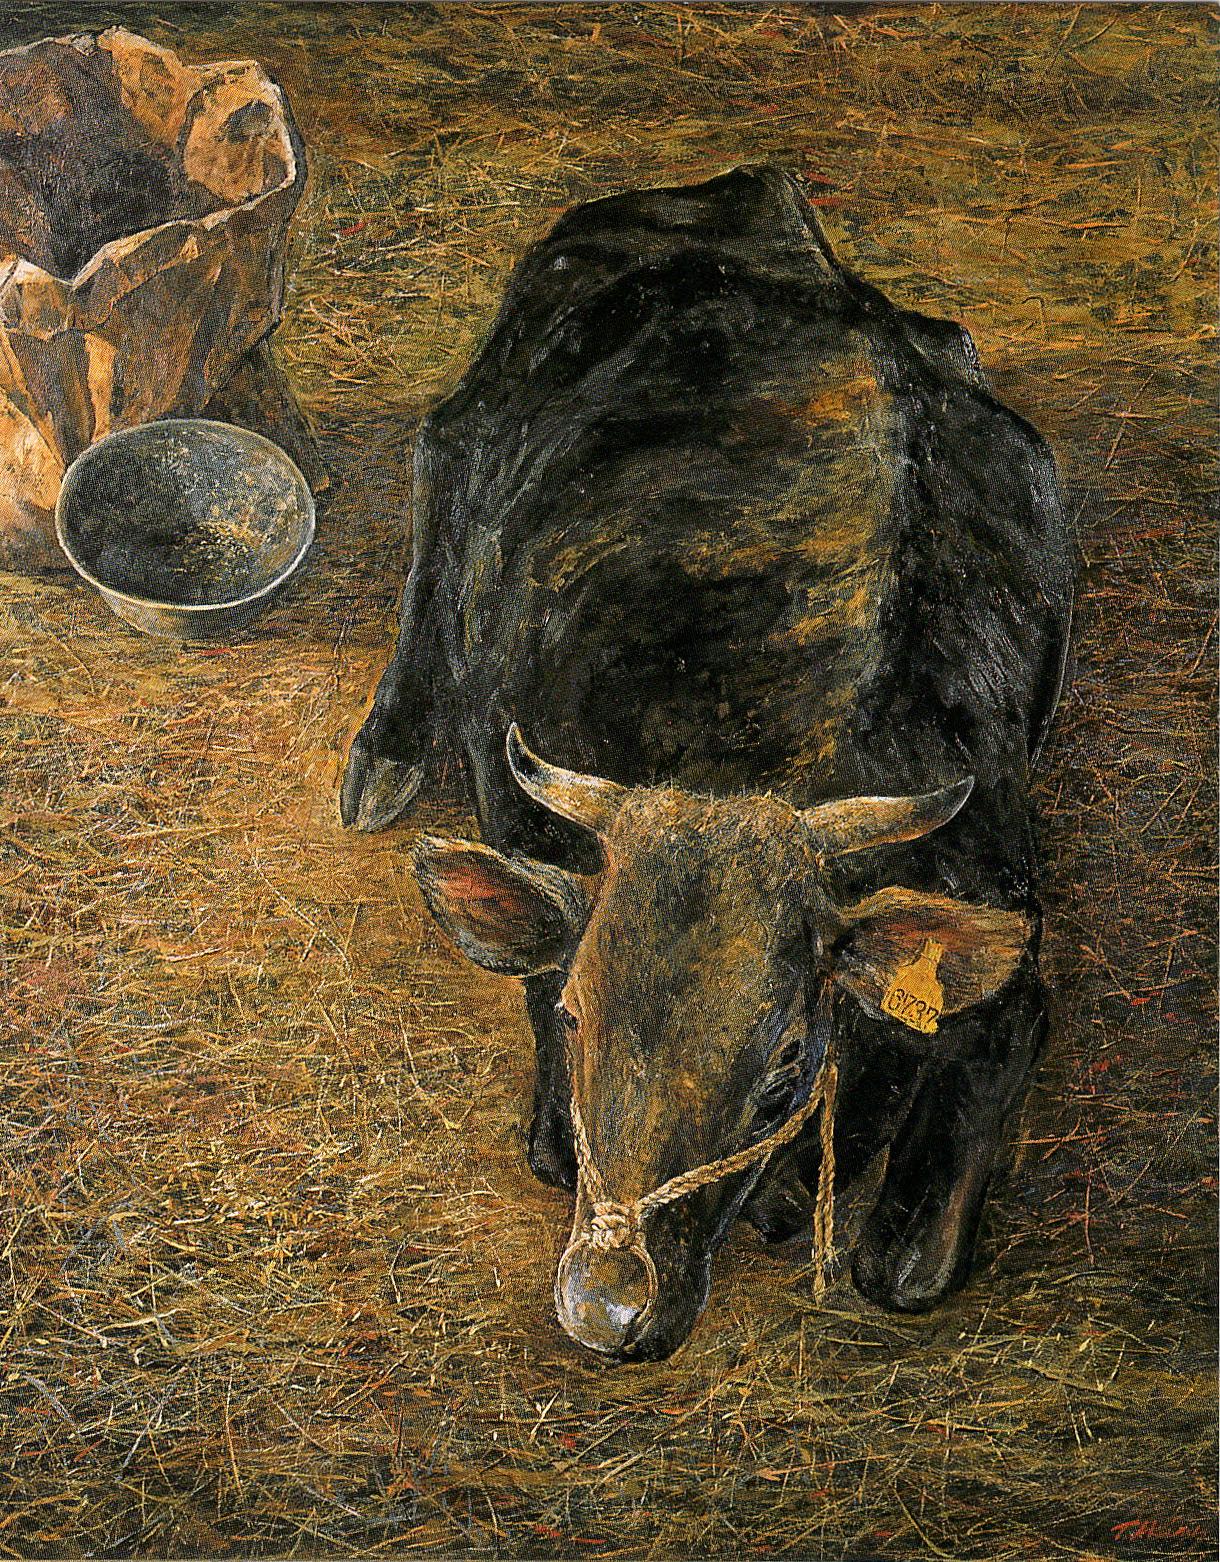 """「老牛 Ⅰ」 """"Old Cow Ⅰ"""""""